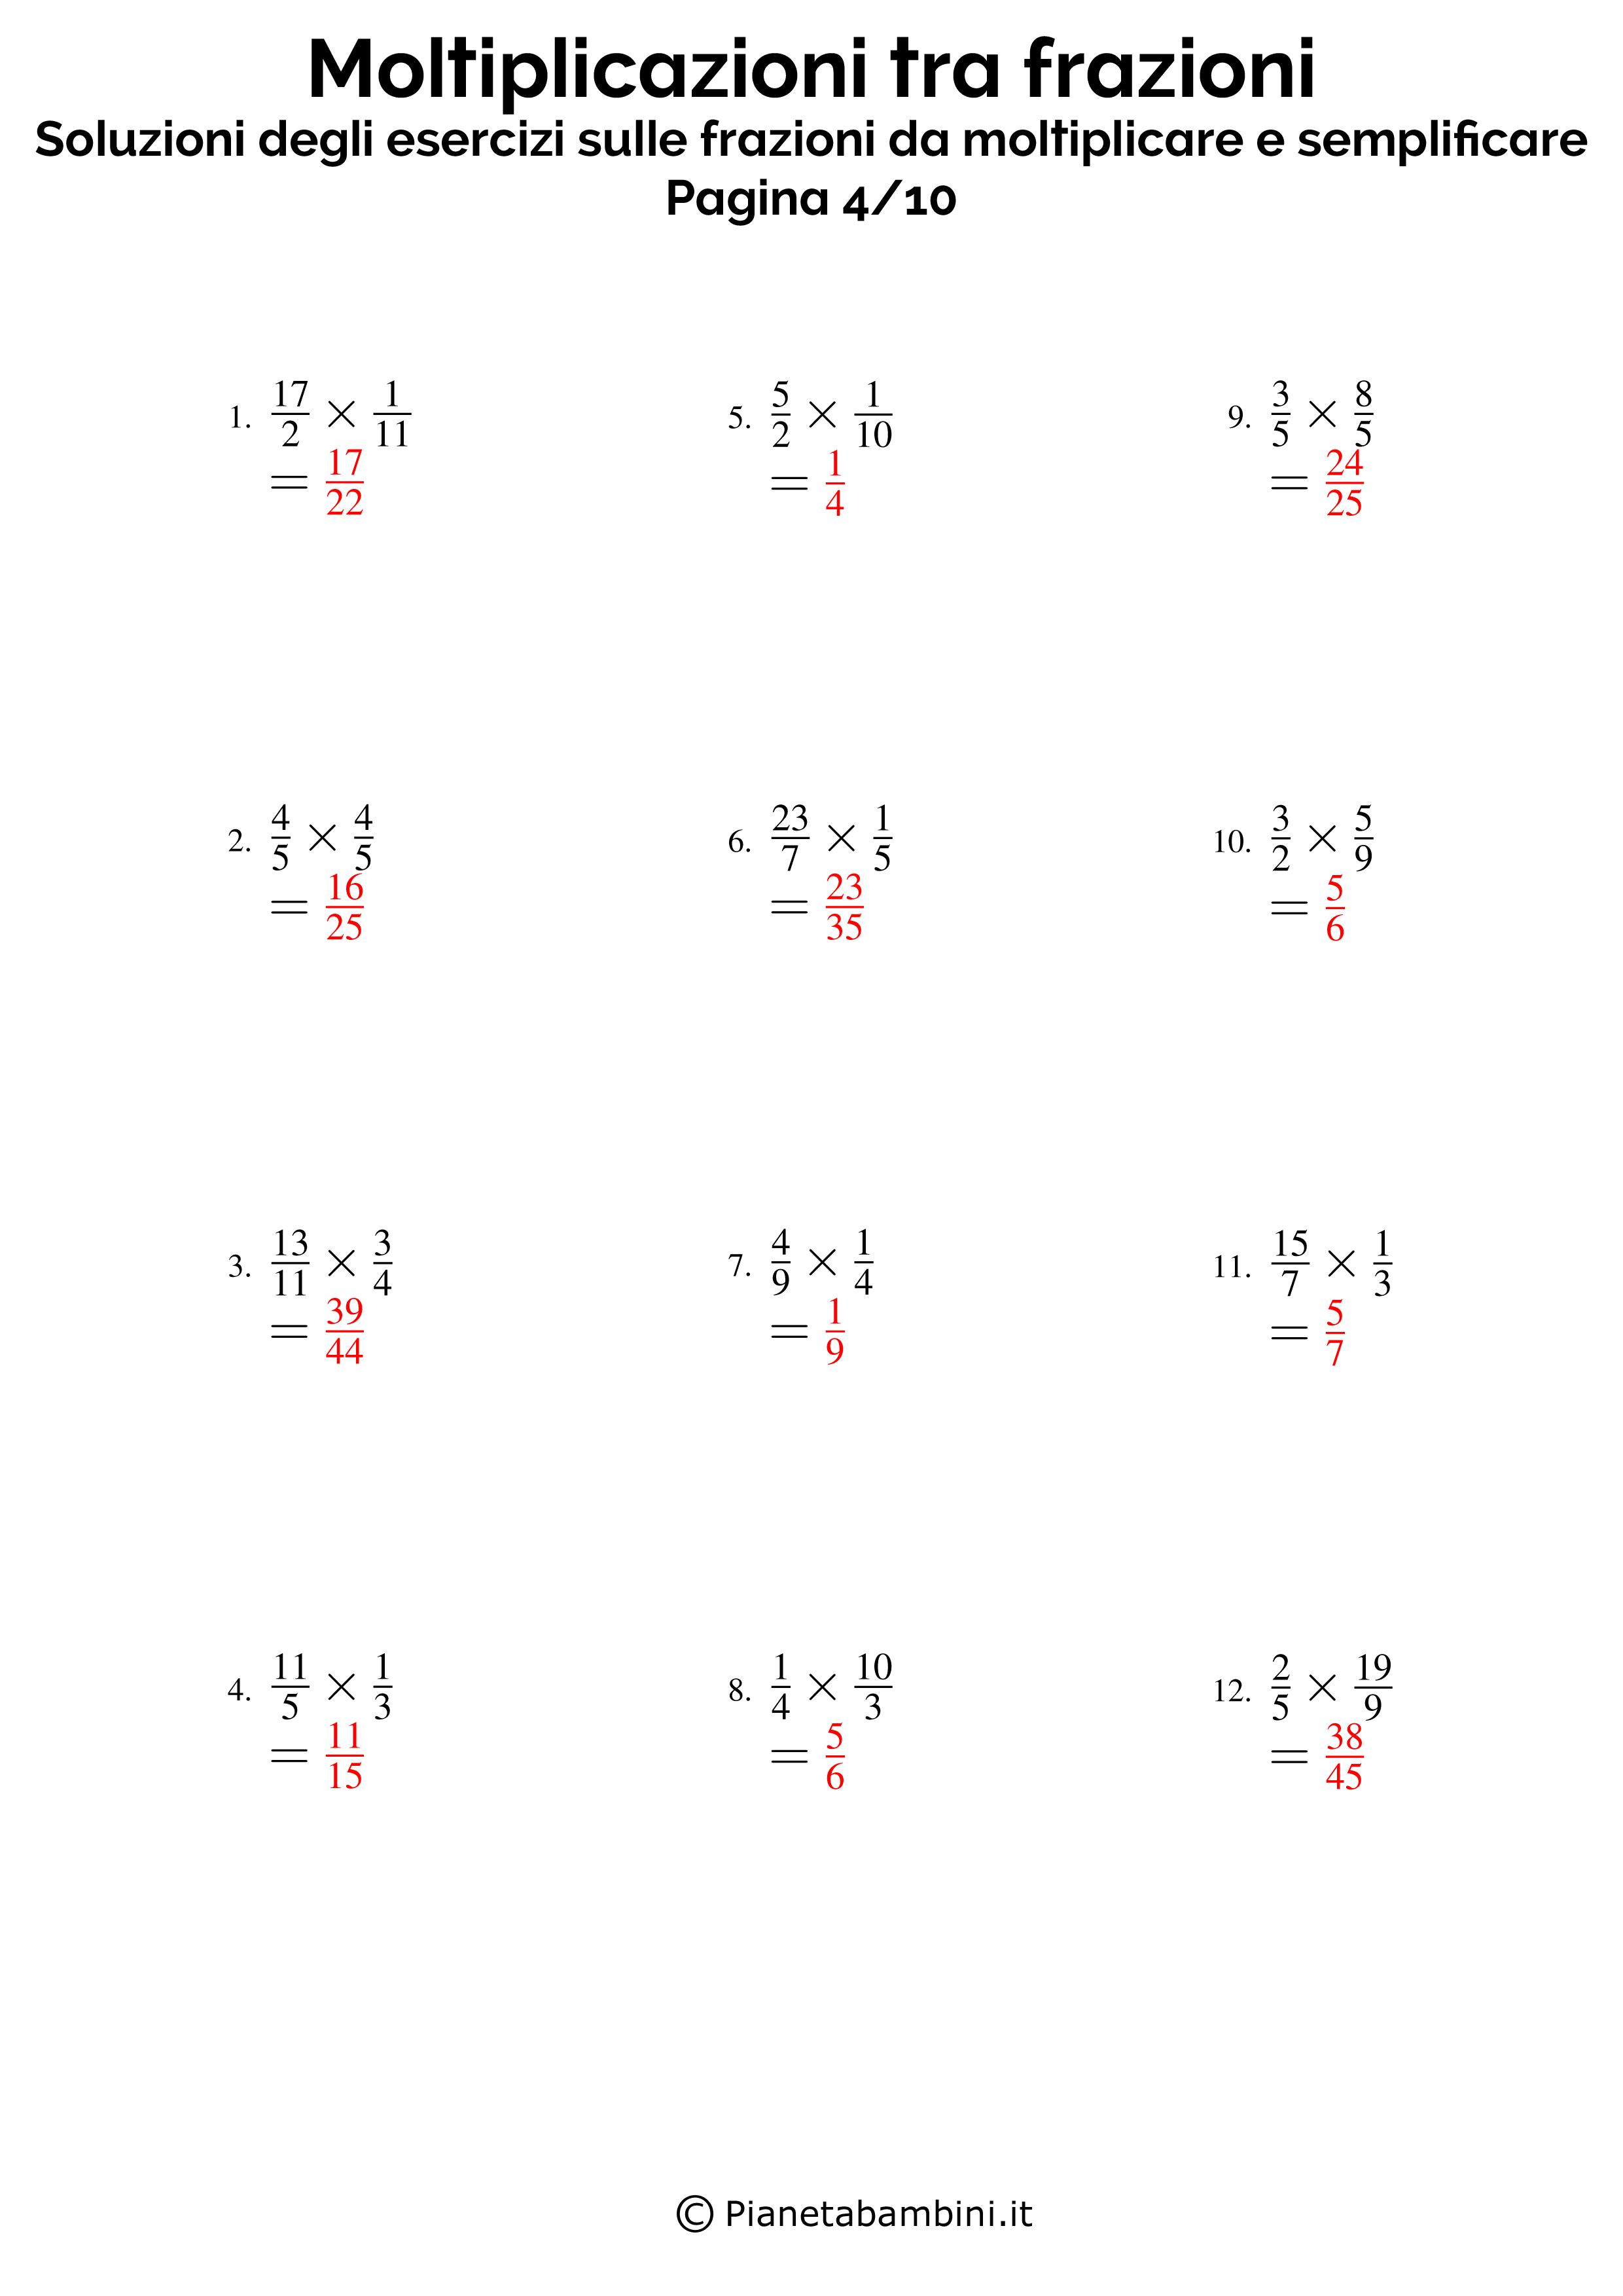 Soluzioni-Frazioni-Moltiplicare-Semplificare_04